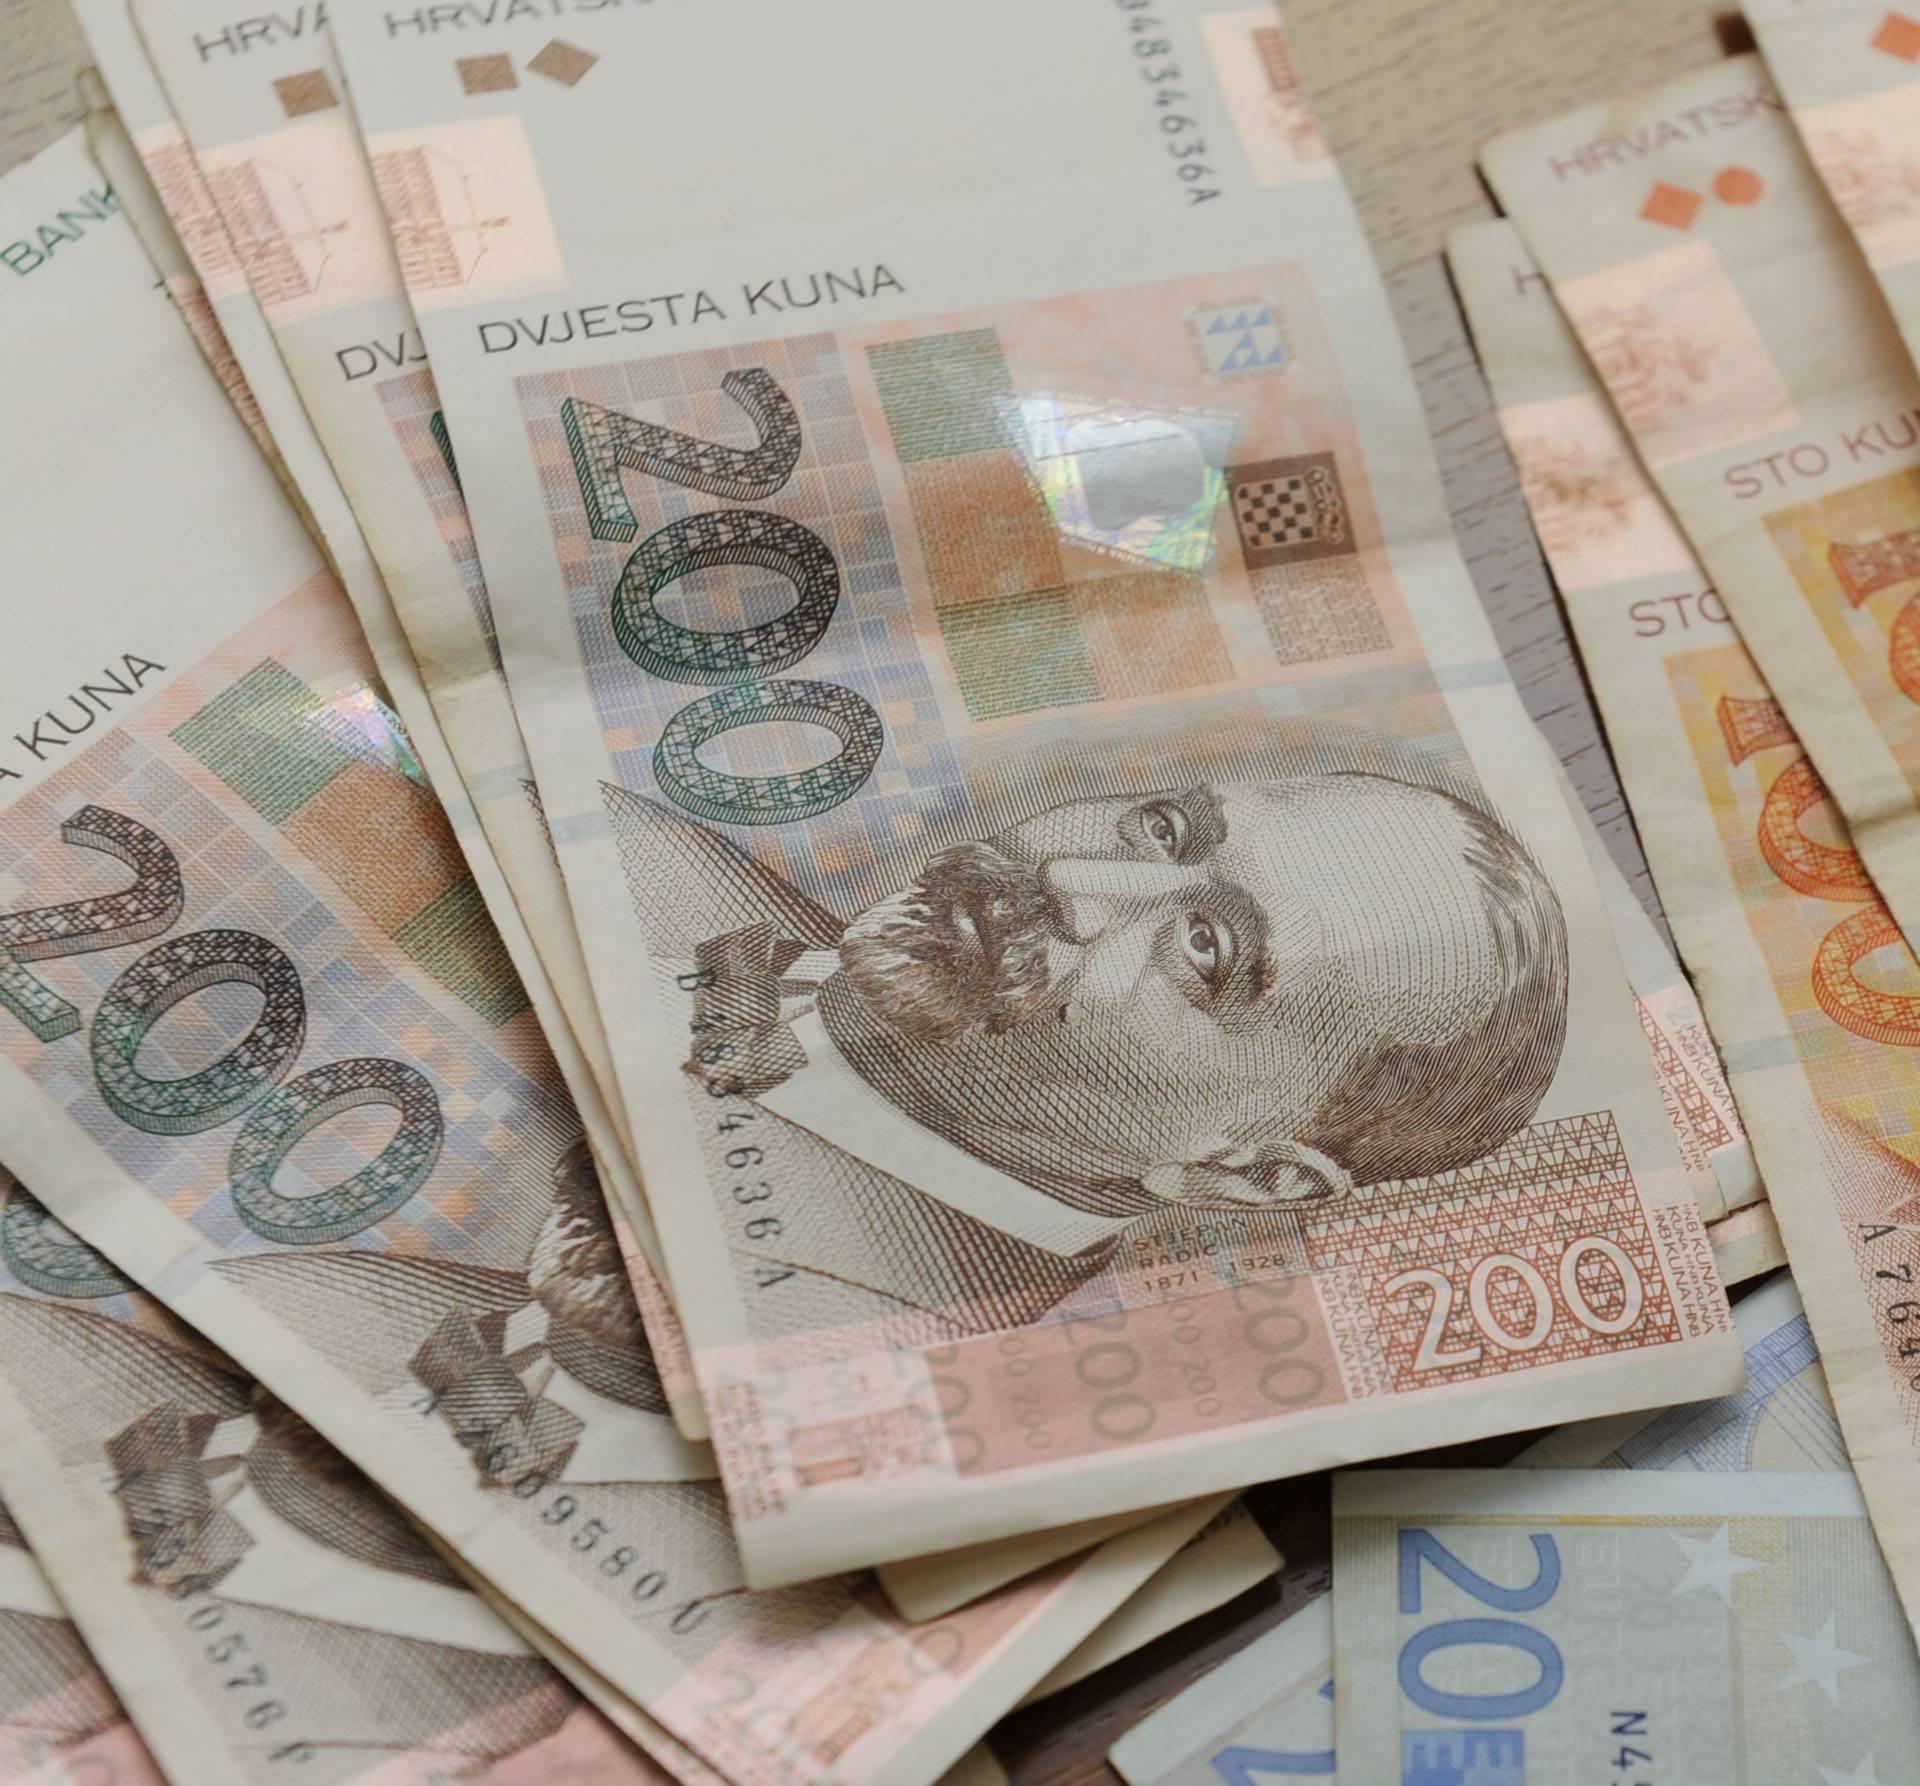 U Zagrebu: Glumio policajca pa uzeo ženi oko 100 tisuća kuna